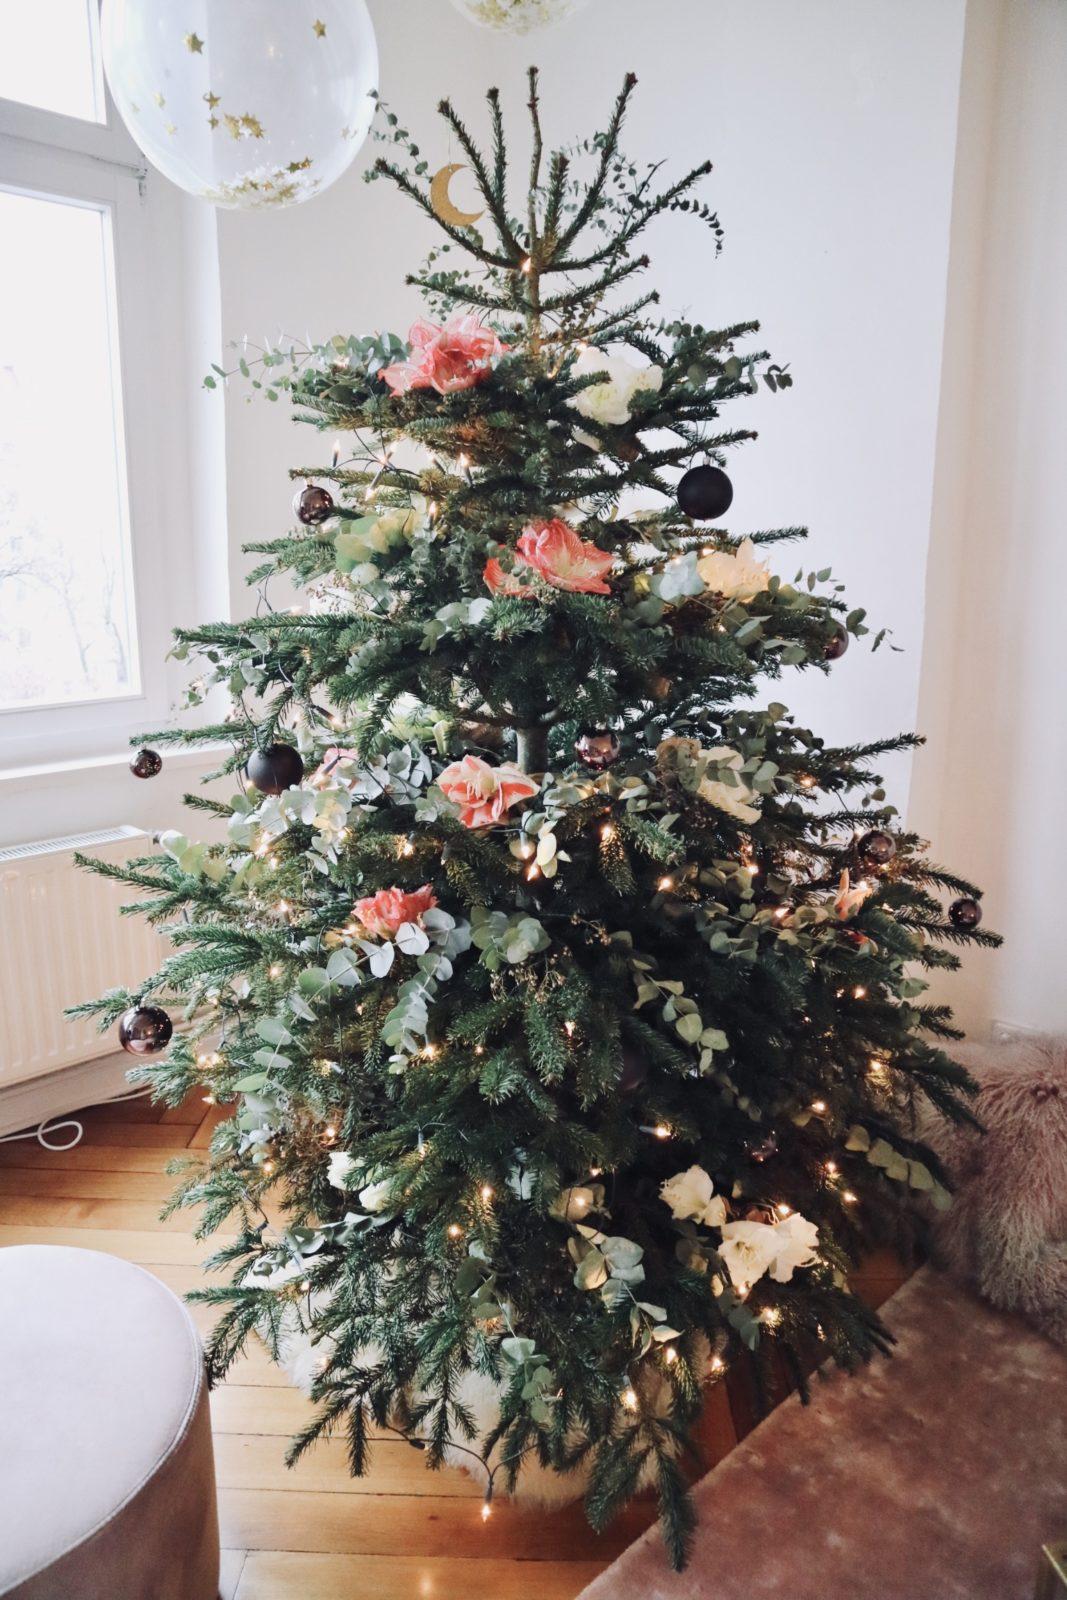 Der blumige weihnachtsbaum so dekoriert jessie ihre wohnung zu weihnachten mit diy anleitung - Weihnachtsdeko wohnung ...